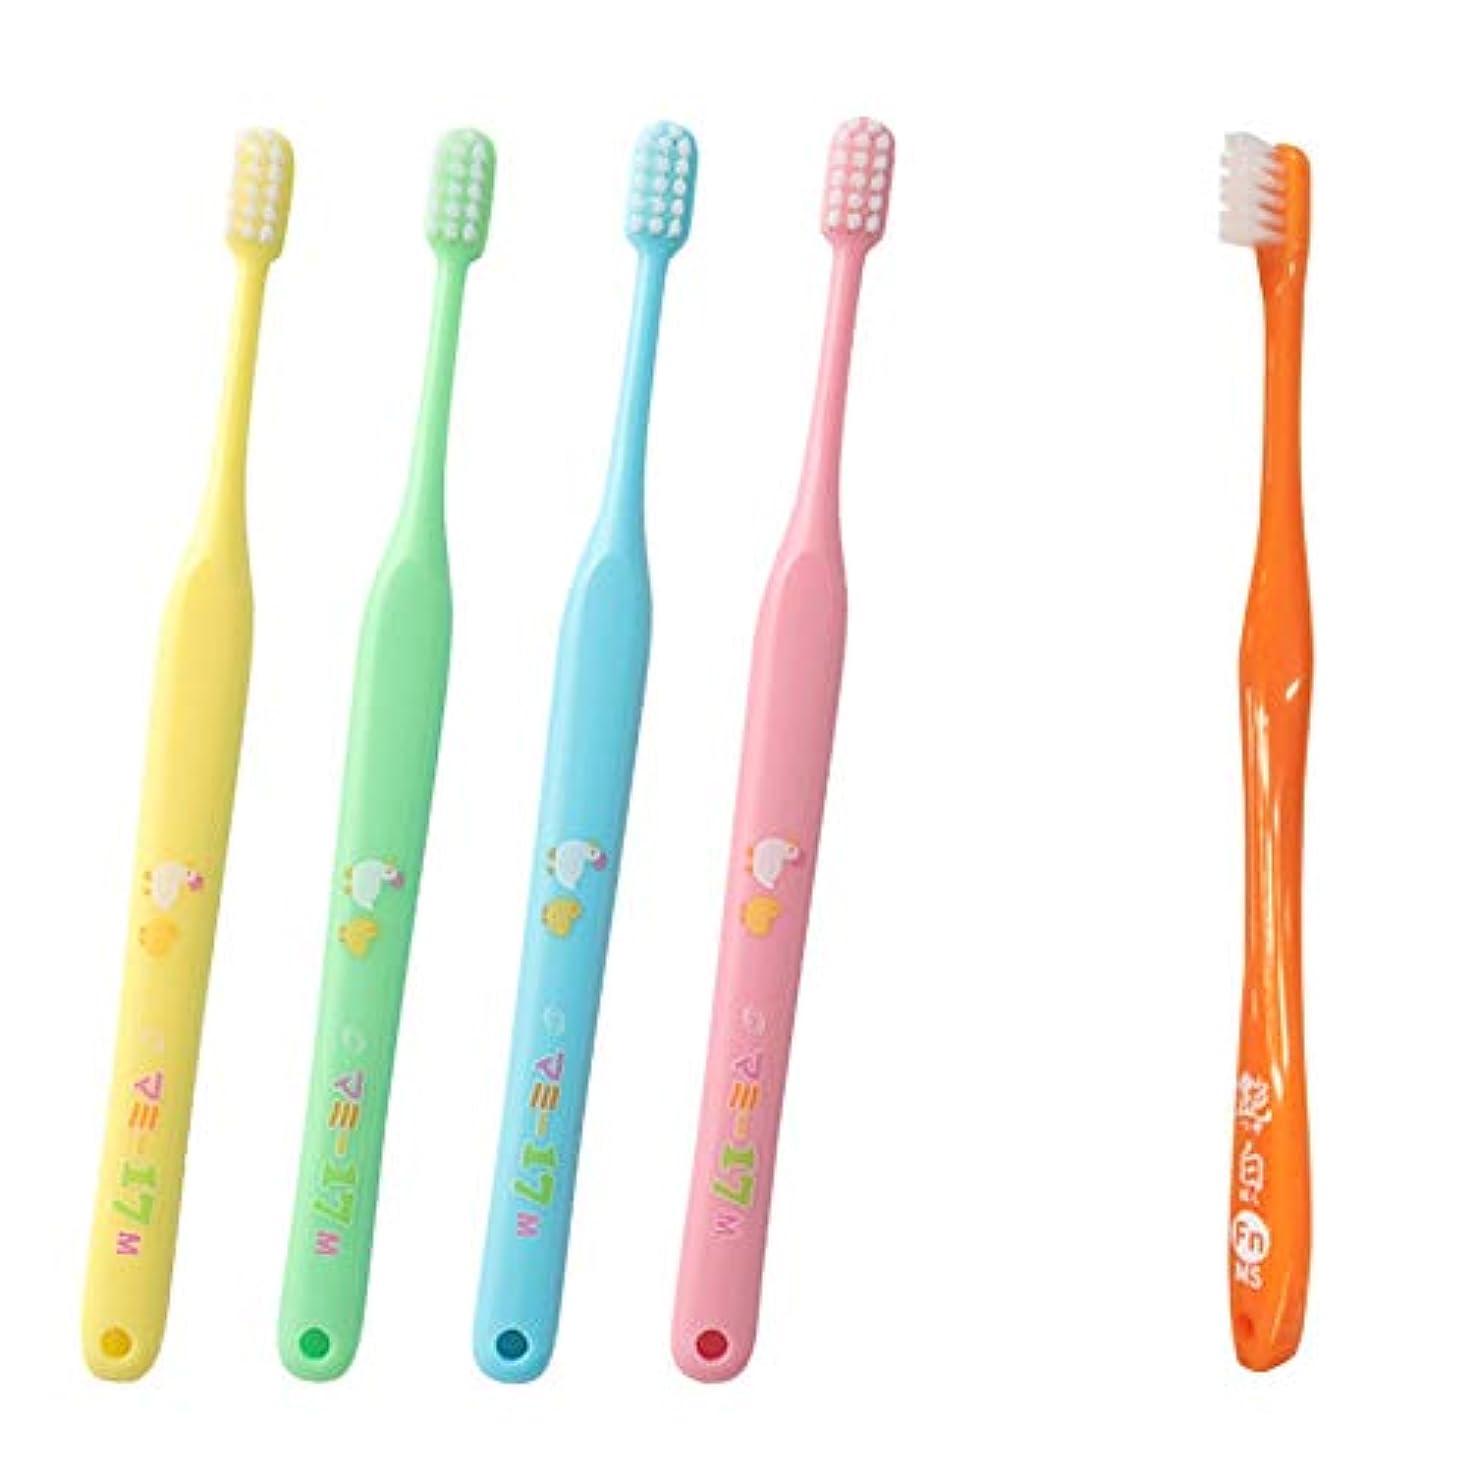 マイクロフォンリー通信網オーラルケア マミー17 歯ブラシ (仕上げ磨き用) 4本 M(ふつう) + 艶白(つやはく) Fn 仕上げ用 歯ブラシ×1本 MS(やややわらかめ) 日本製 歯科専売品